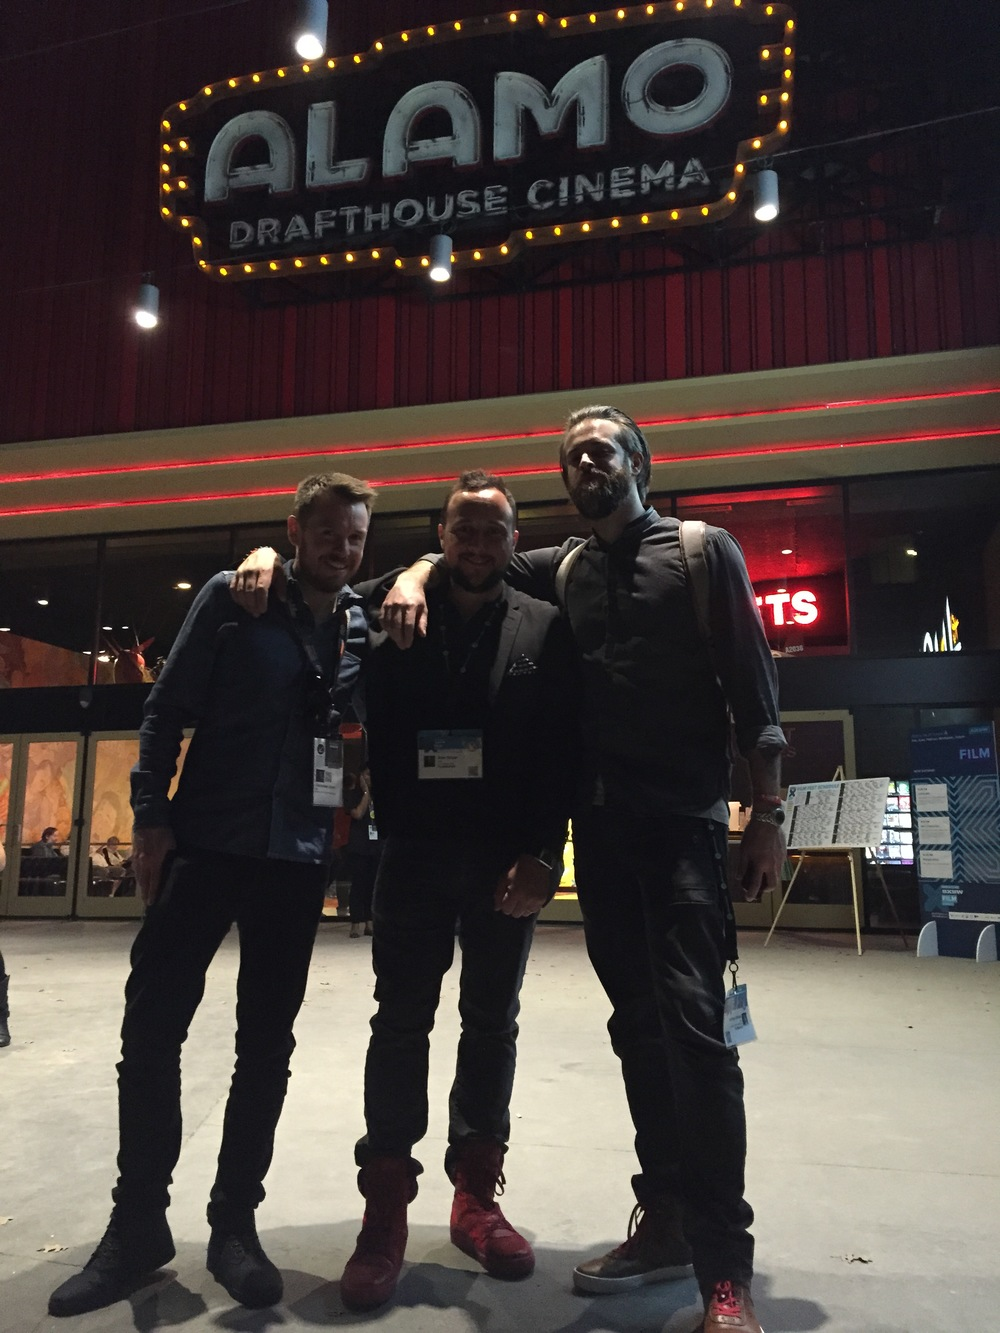 Alexander Dunn, Alex Noyer and Matthew Jarman